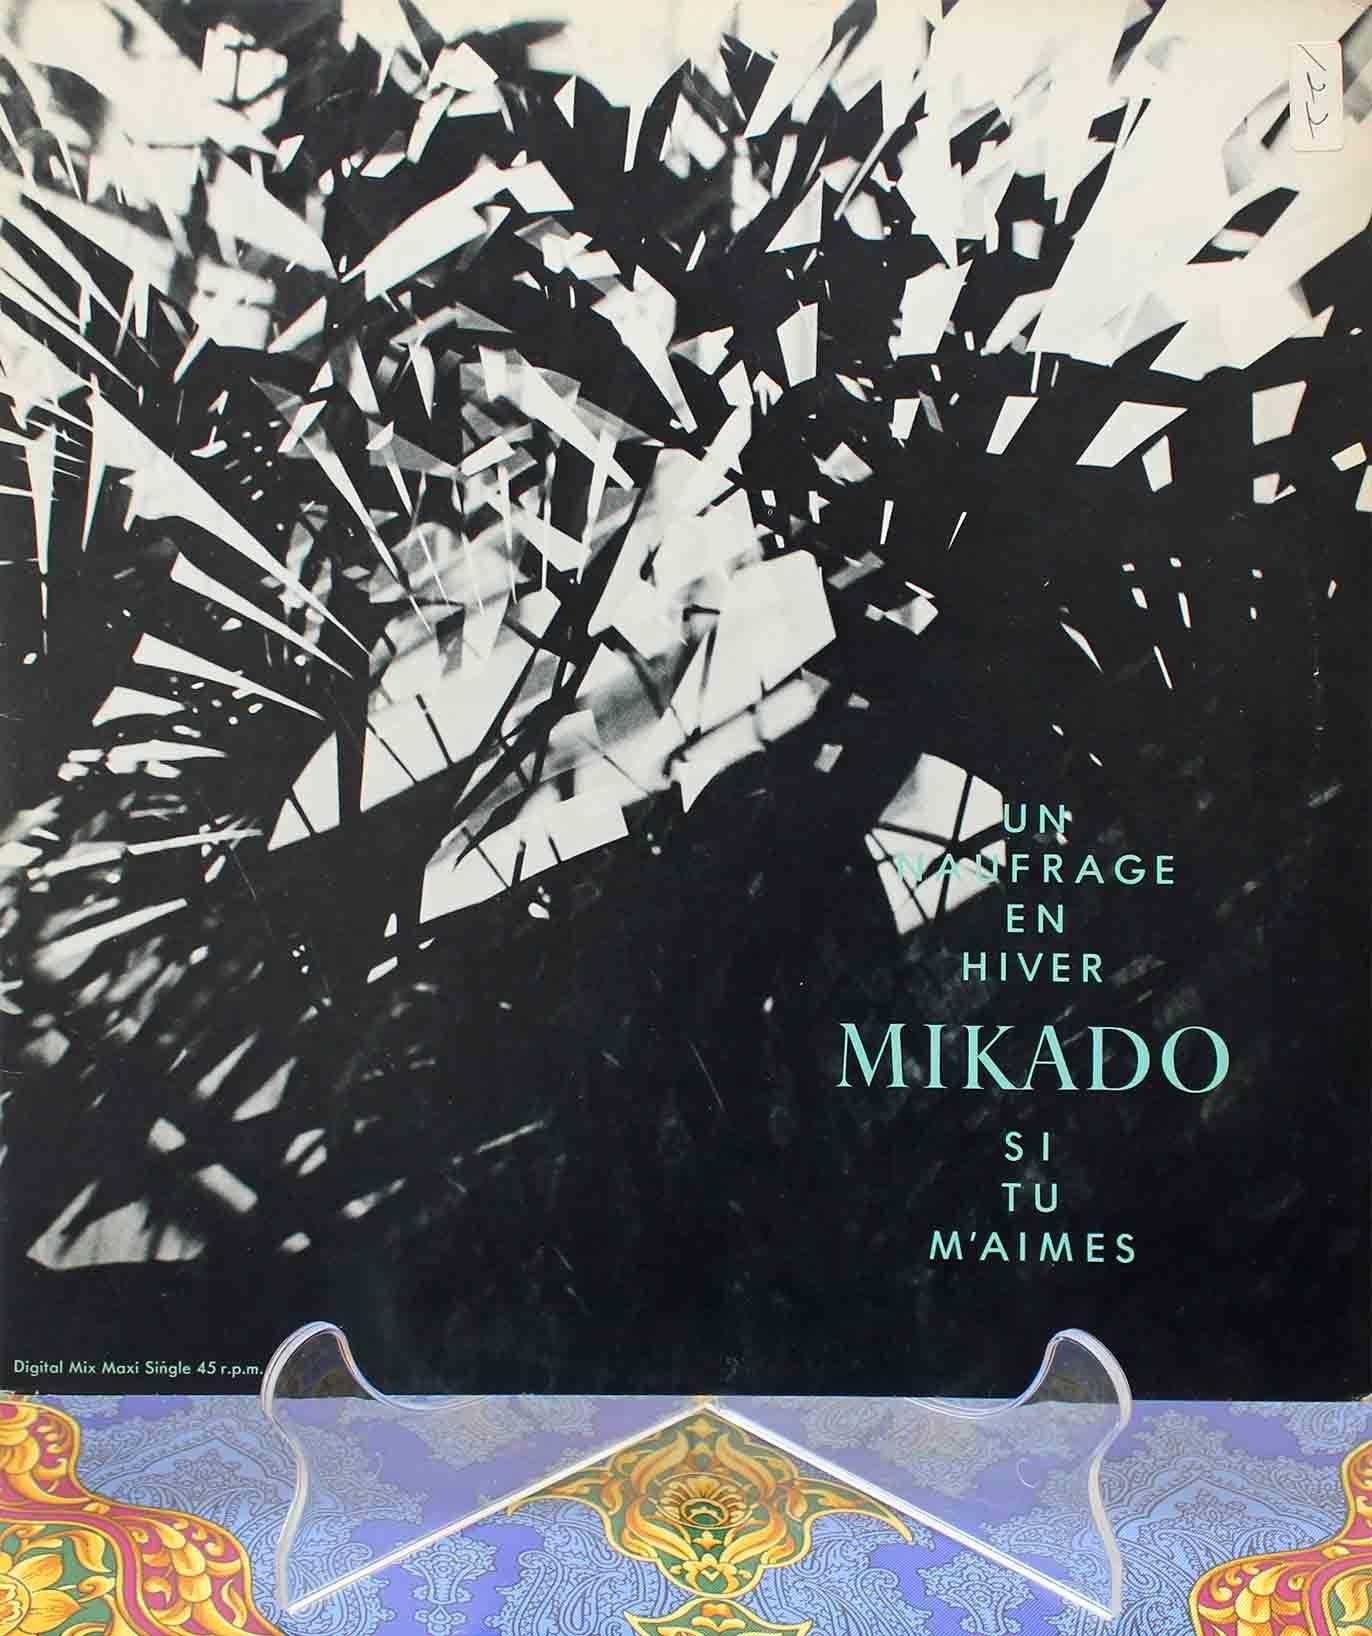 Mikado - Naufrage en Hiver 01